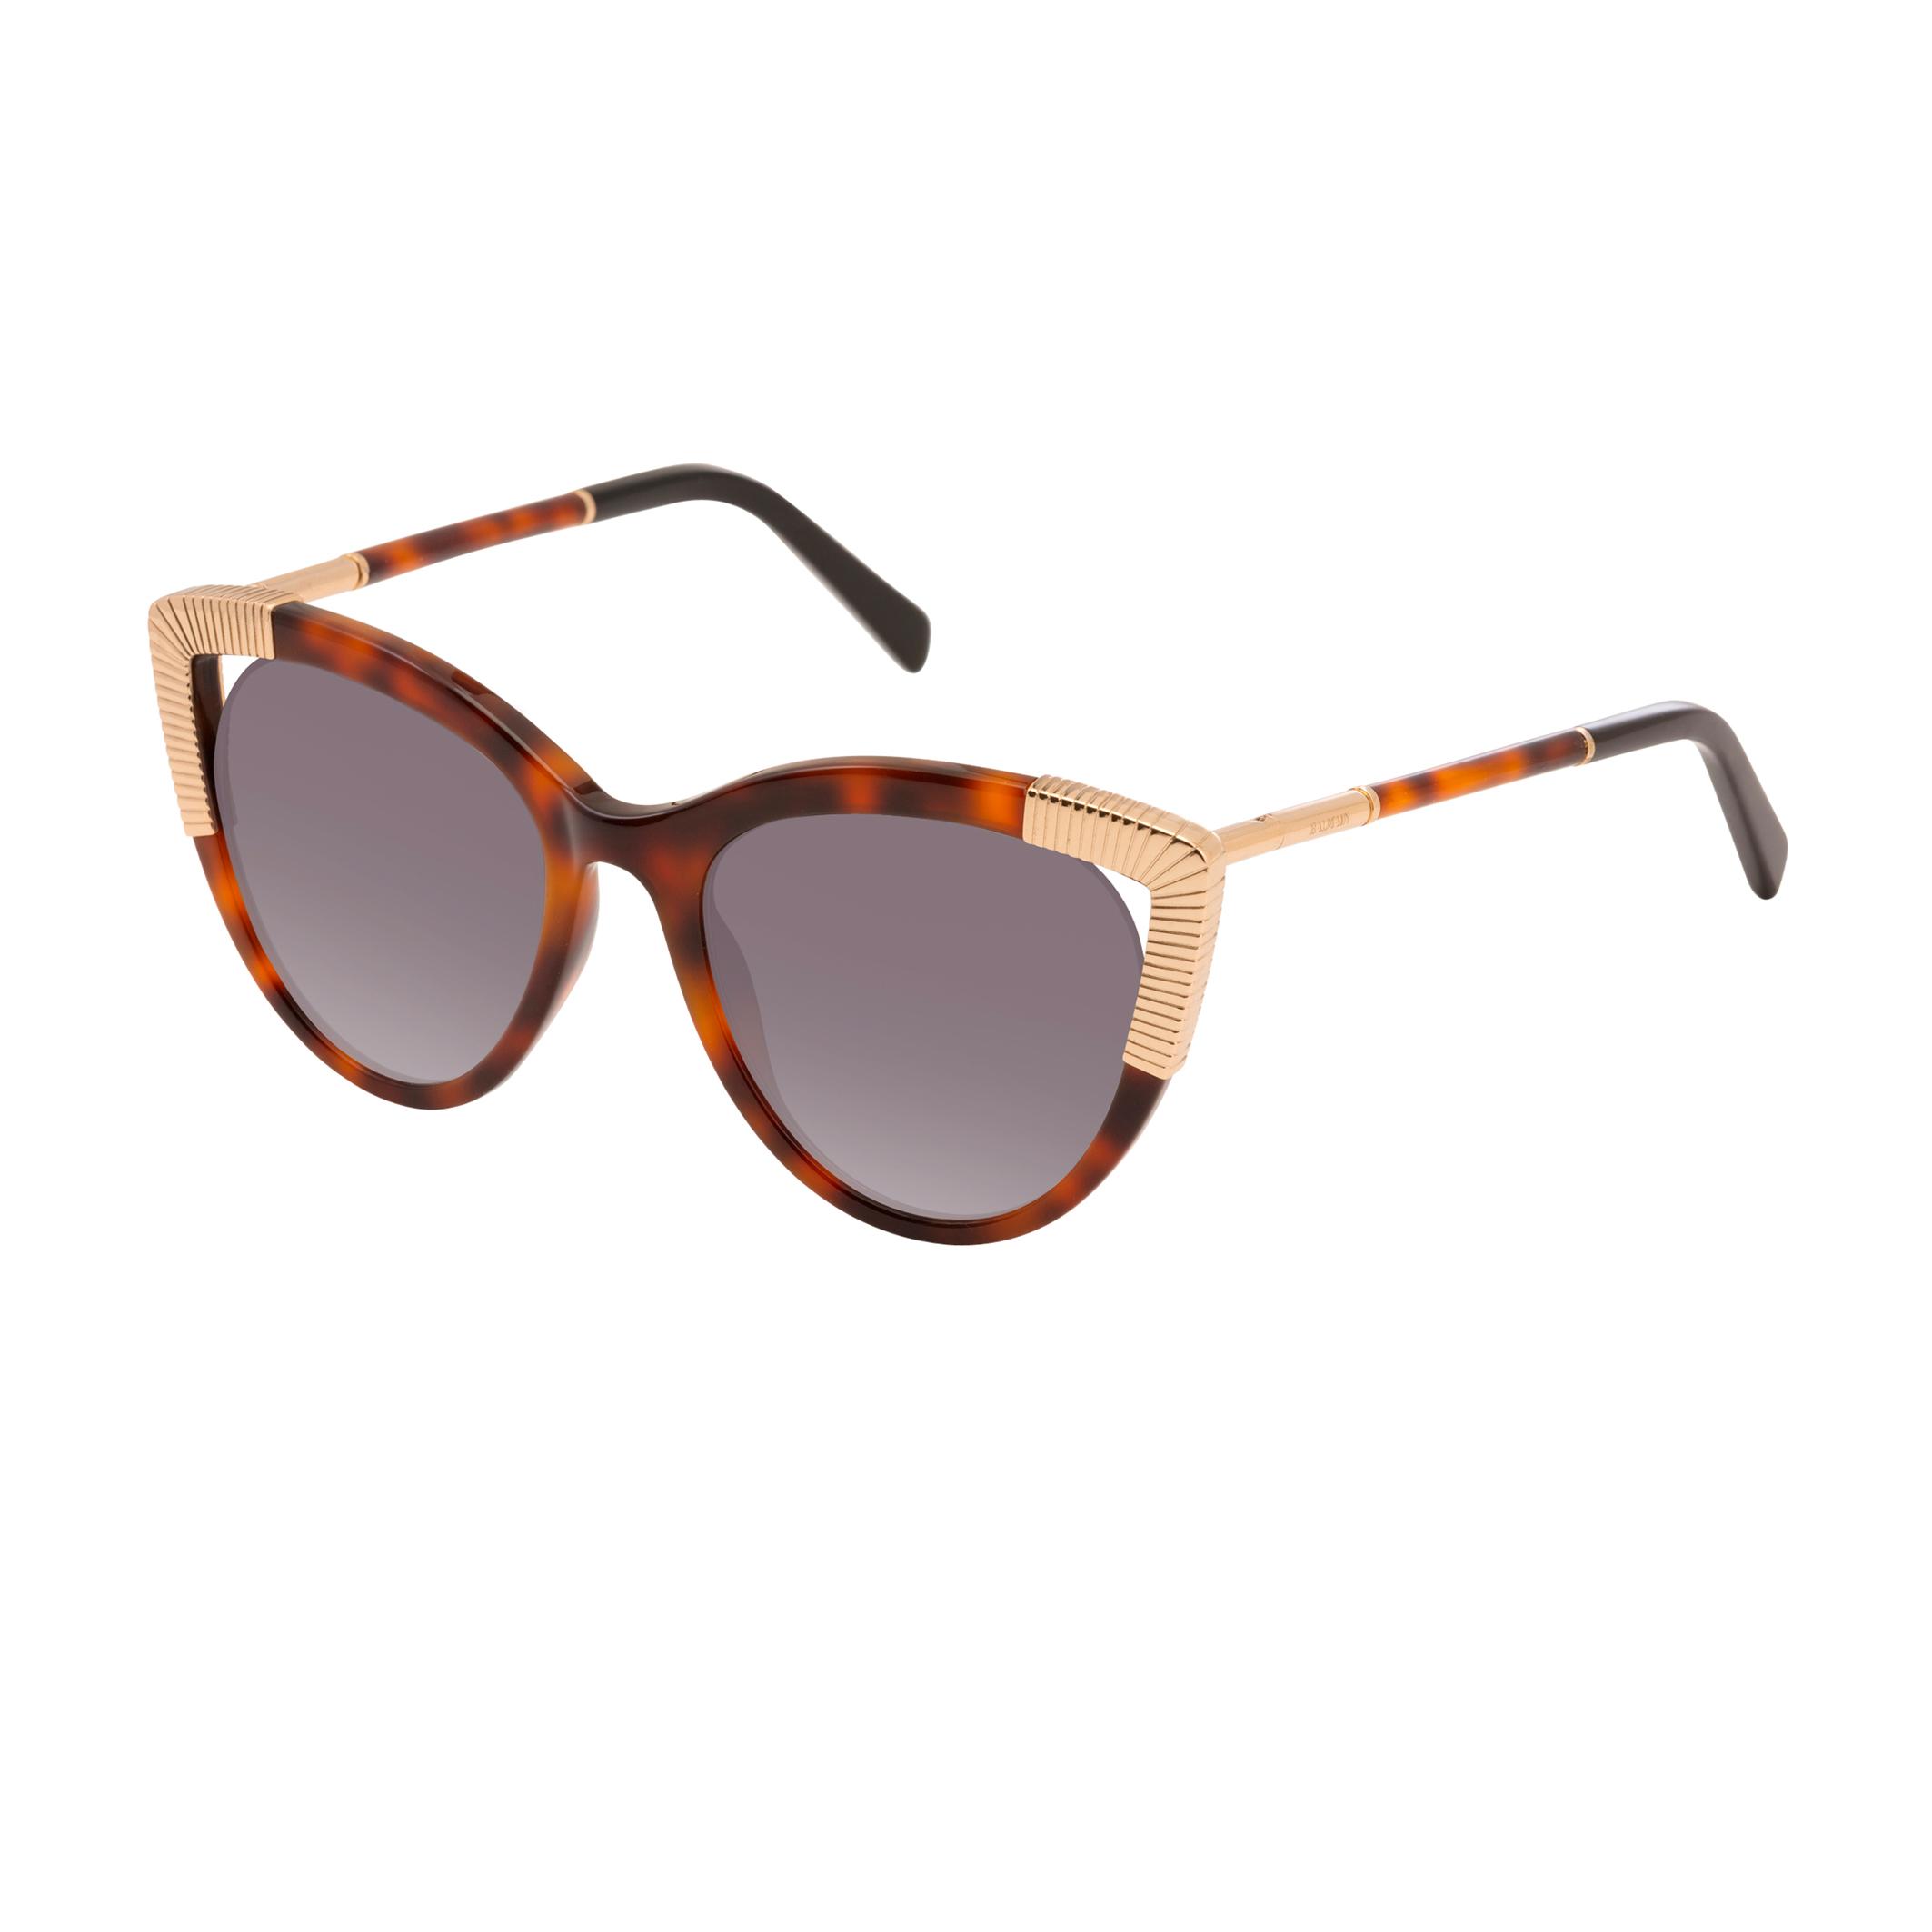 ad29373c13 Balmain - Lunette de soleil pour femme couleur brun | BUZZAO